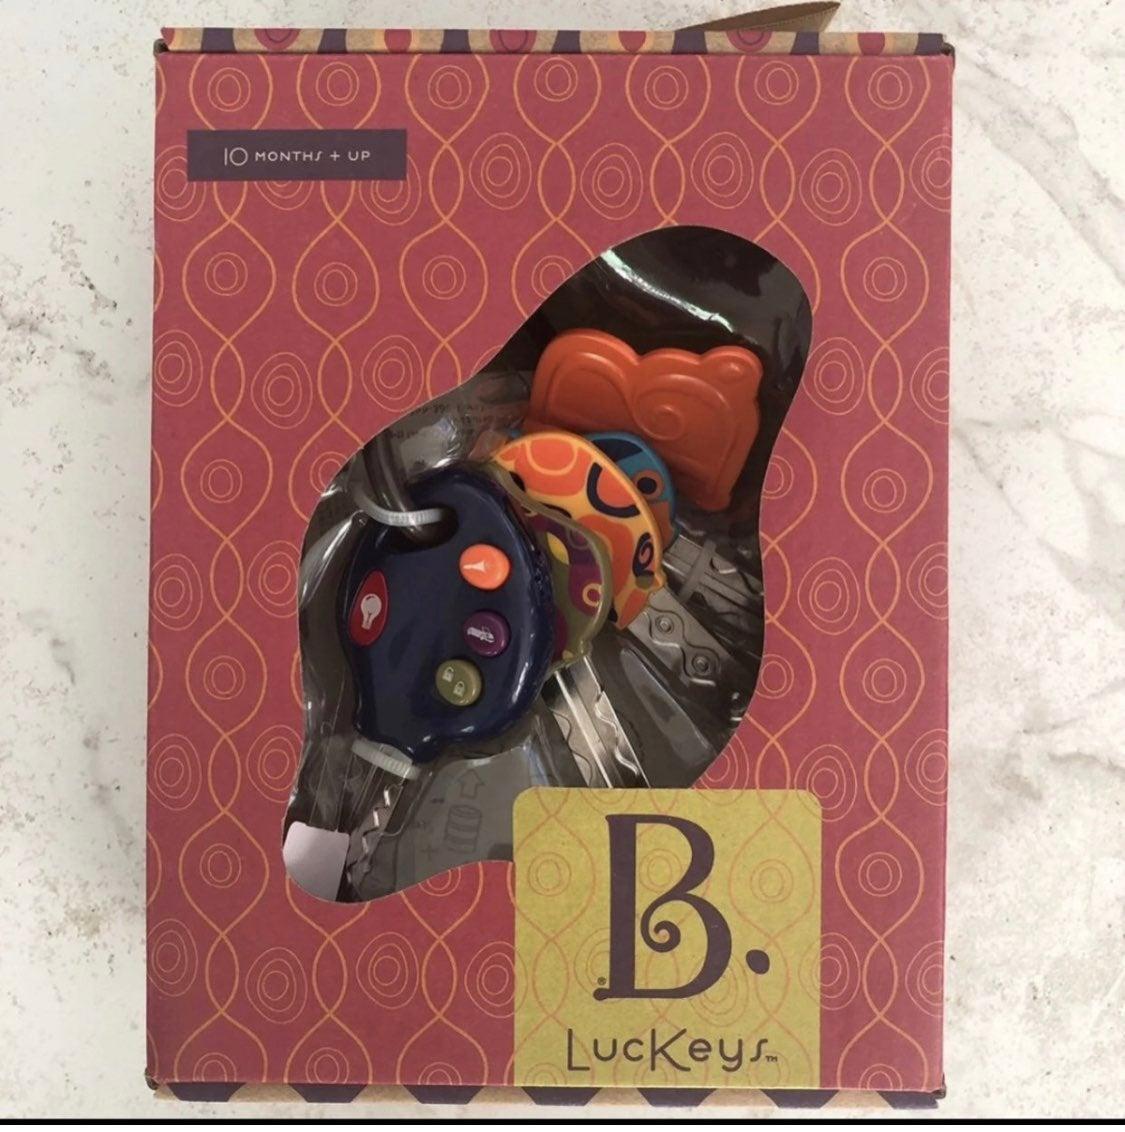 B toys baby keys - 10mo +